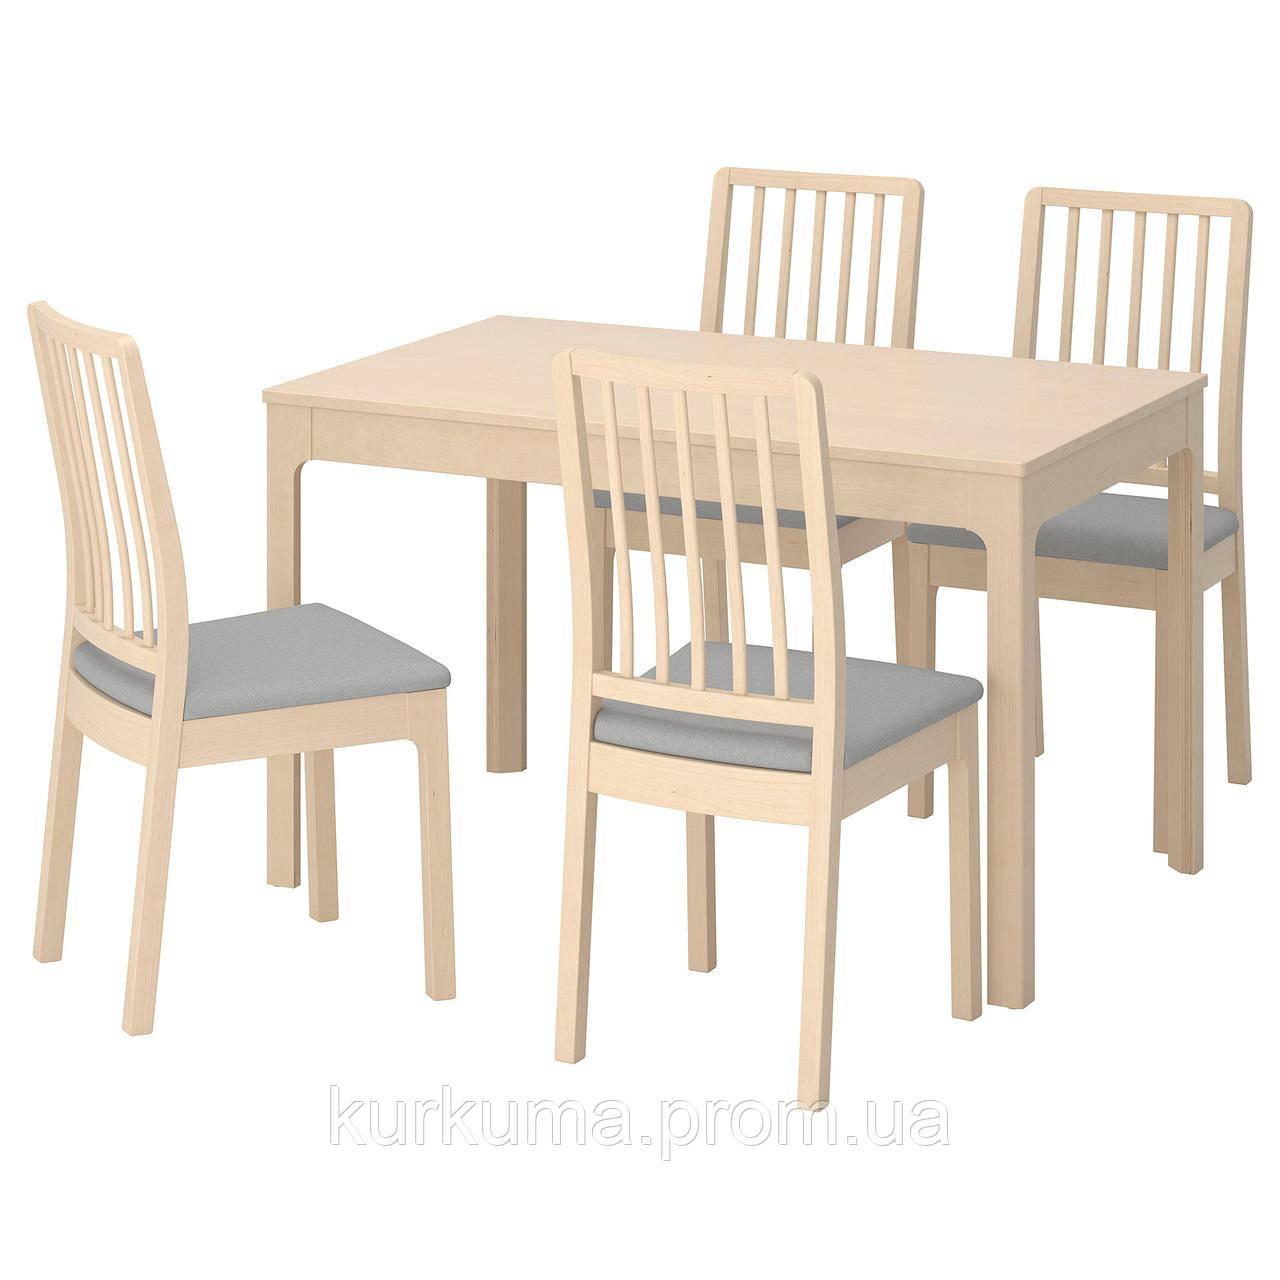 IKEA EKEDALEN/EKEDALEN Стол и 4 стула, береза, оррста светло-серый  (692.214.57)